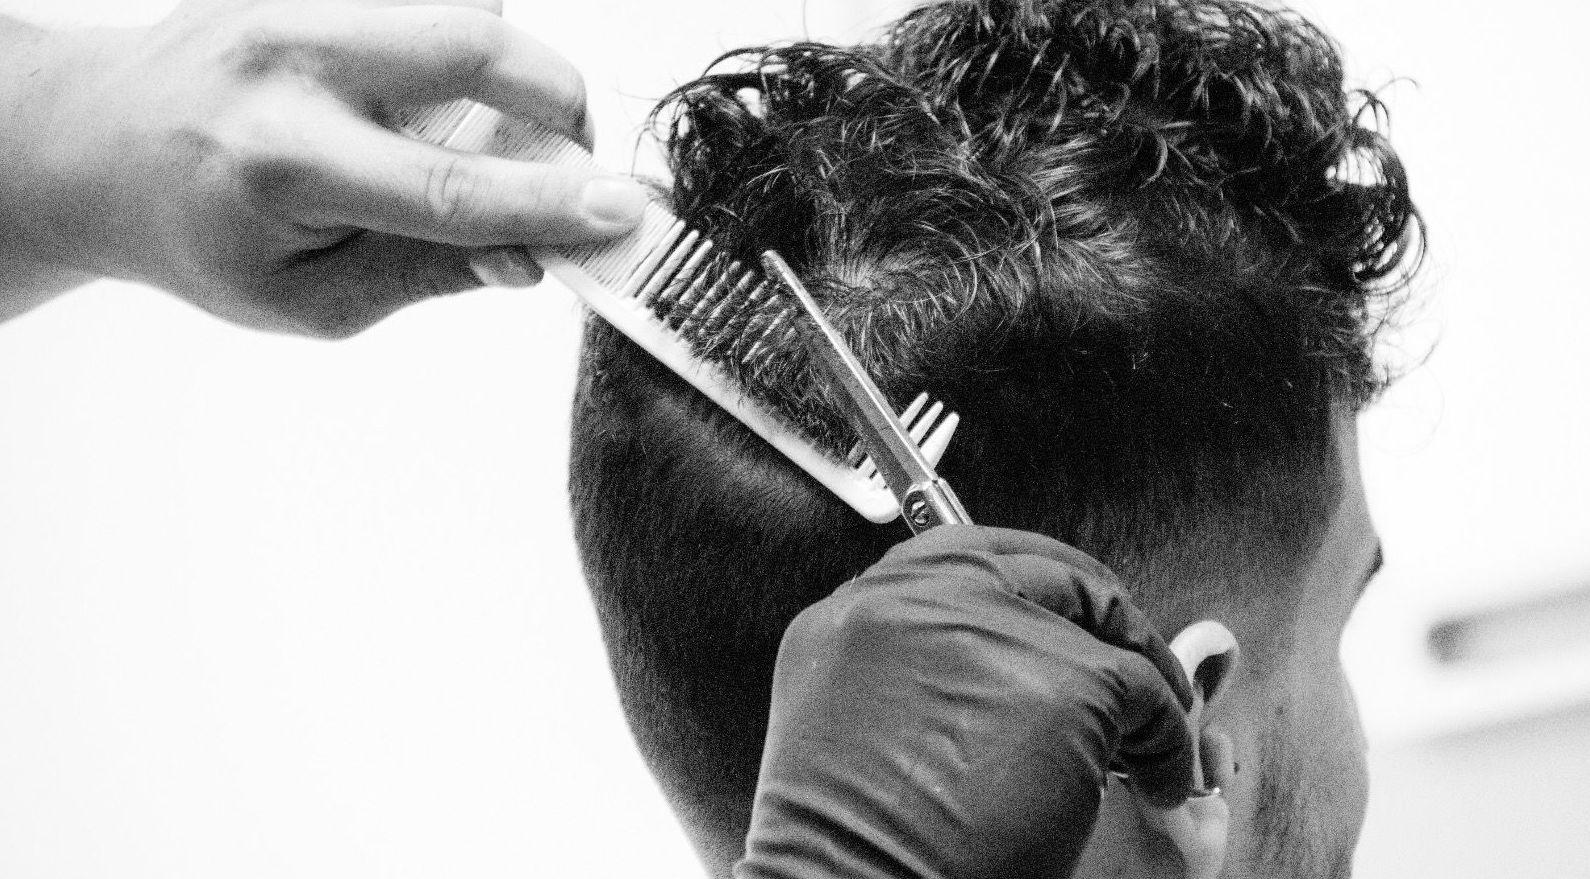 Foto 3 de Peluquería de hombre en Segovia | Scrawler Barber Shop